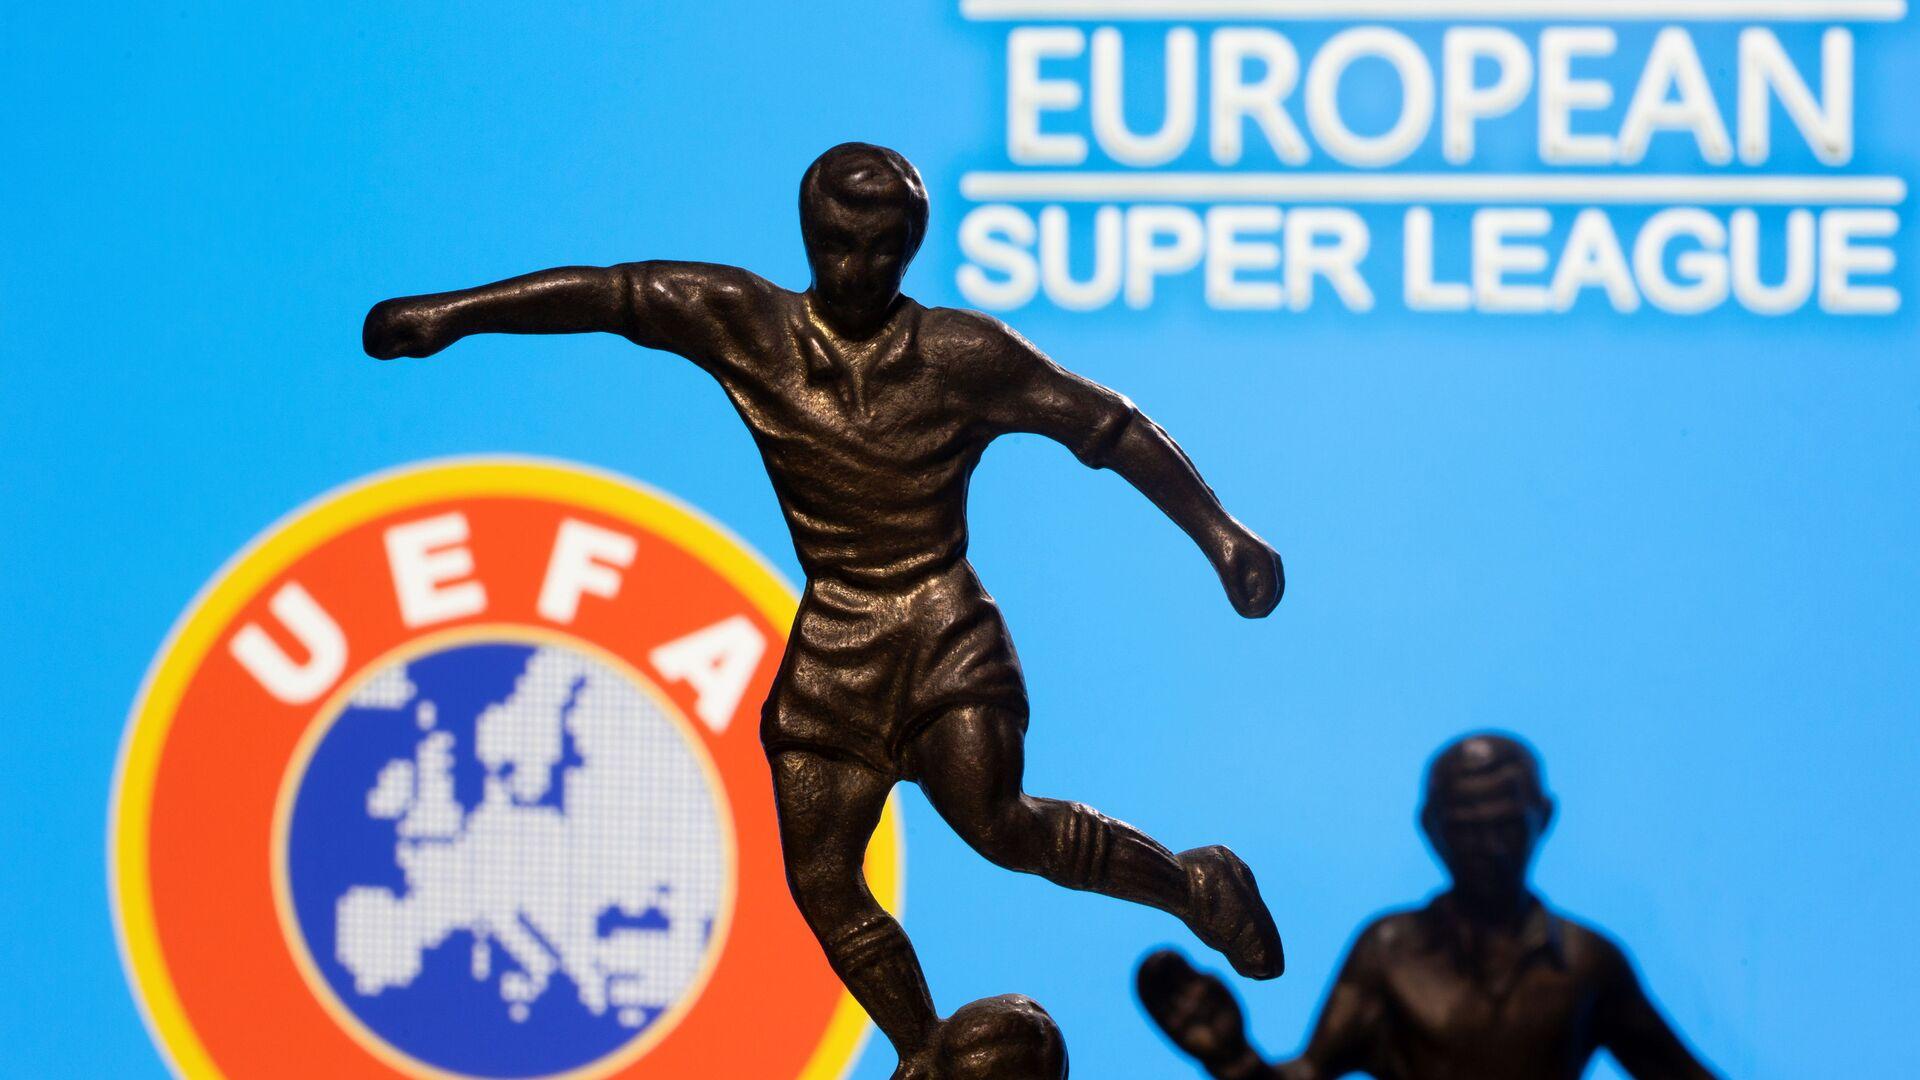 UEFA ve Avrupa Süper Ligi logoları önünde futbolcu bibloları - Sputnik Türkiye, 1920, 07.05.2021